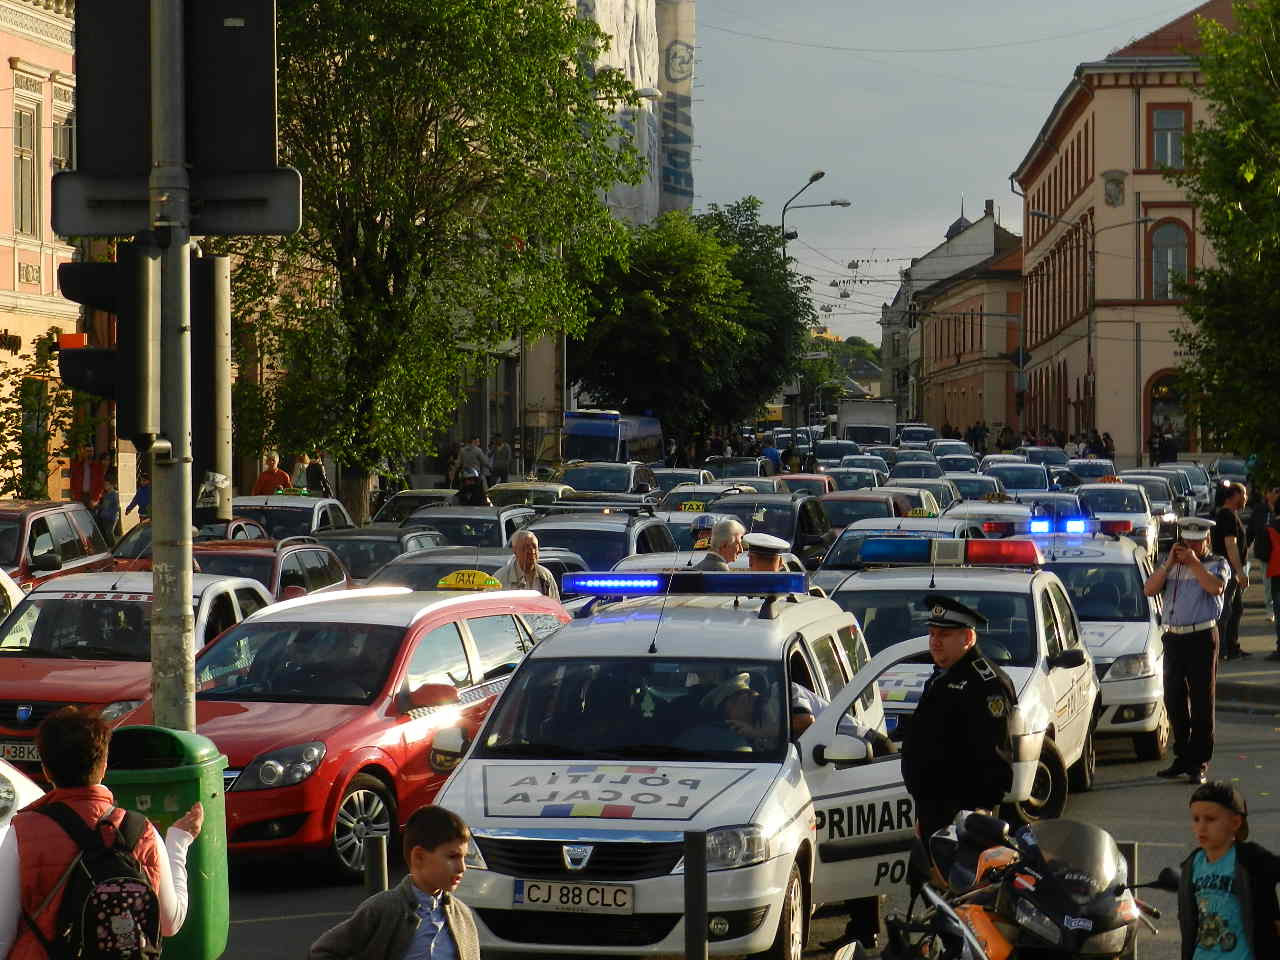 ATENȚIE – Circulație restricționată în centrul Clujului, cu ocazia Zilelor Culturale Maghiare